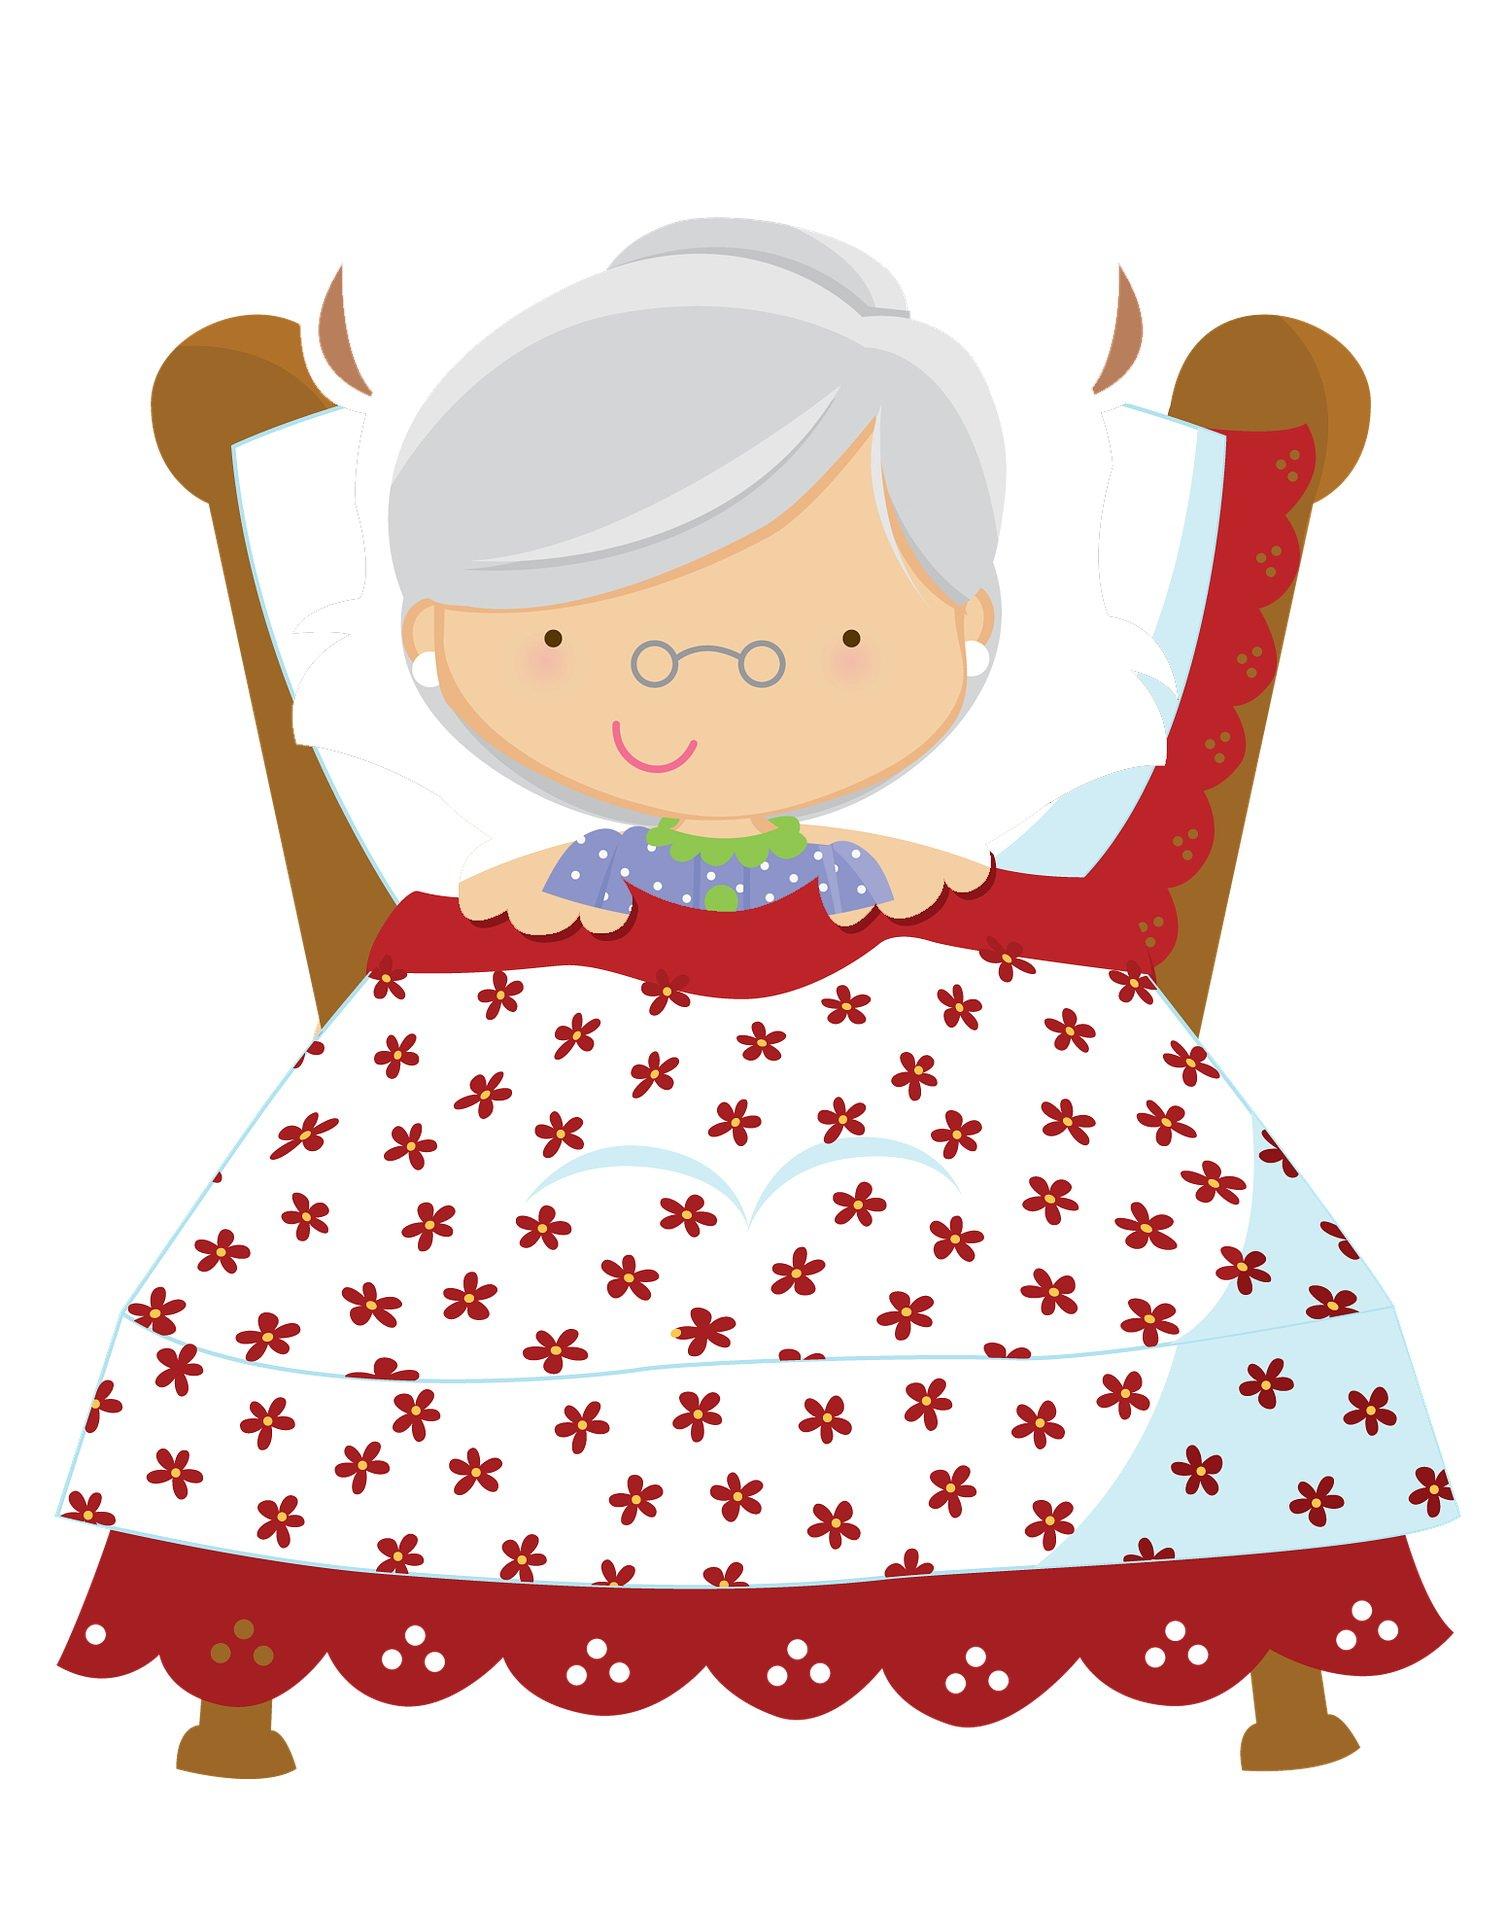 Wierszyk dla babci, teksty i piosenki na Dzień Babci i Dziadka